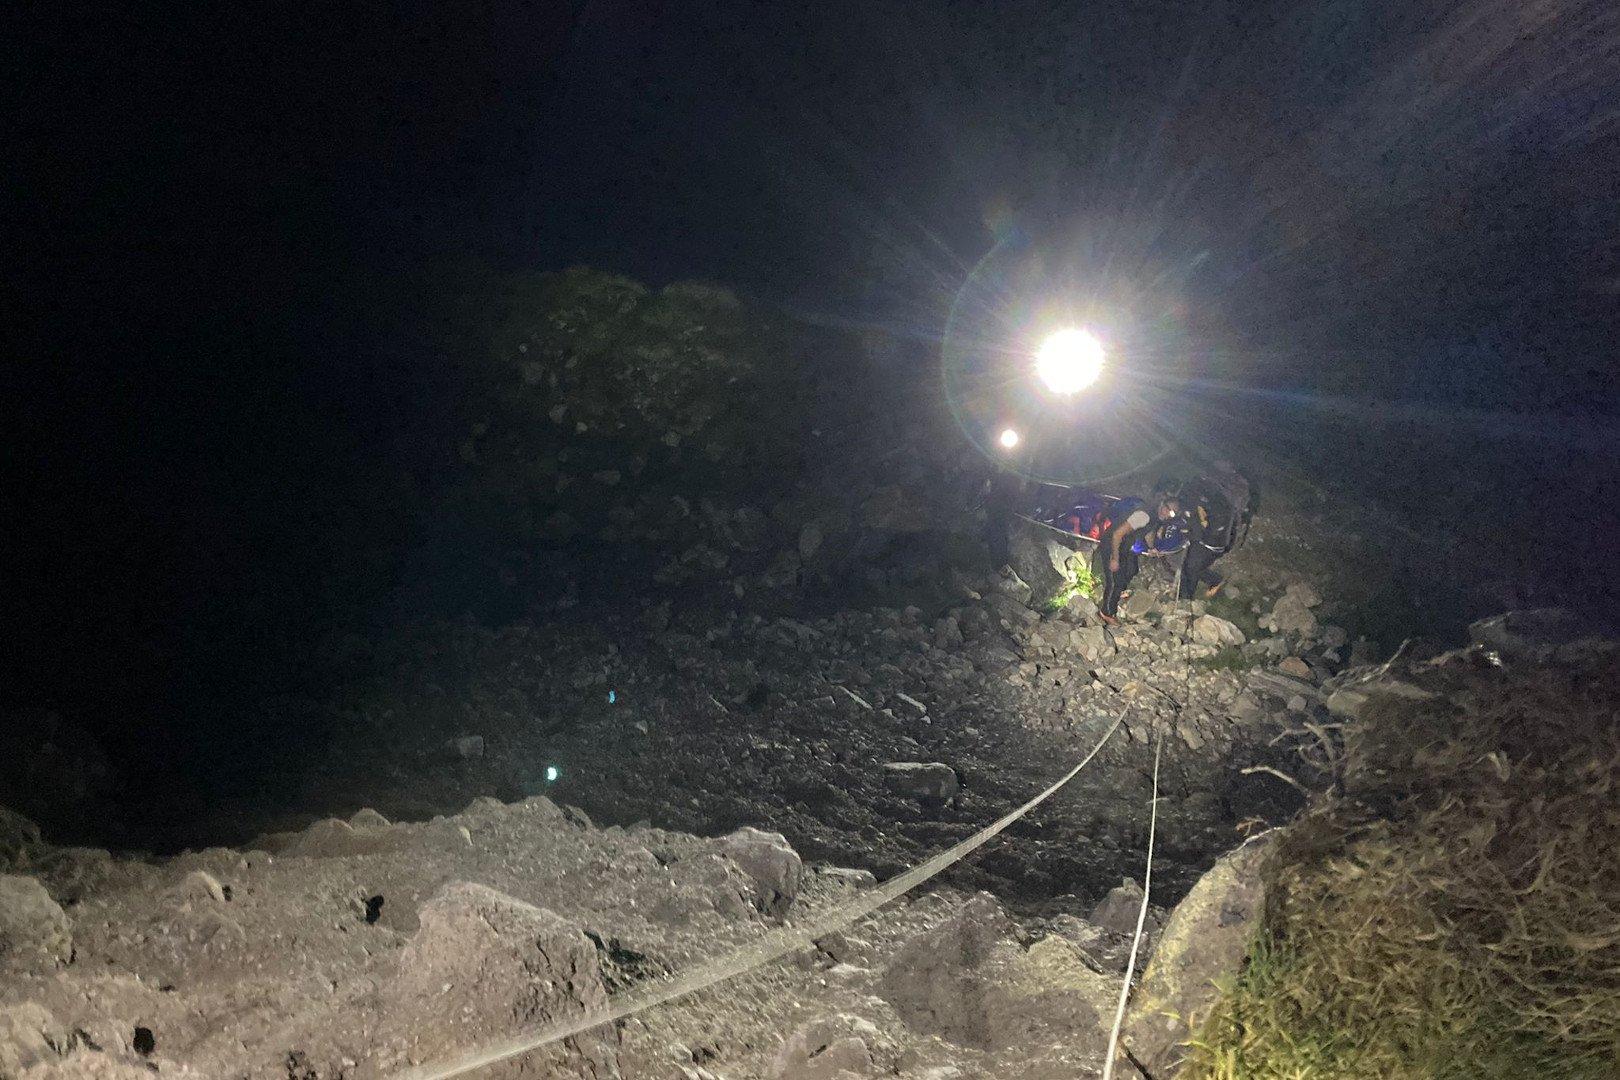 Recuperato sul Monte Bianco un alpinista tedesco in difficoltà: aveva chiamato i familiari, che hanno poi avvisato gli amici italiani i quali hanno attivato i soccorsi